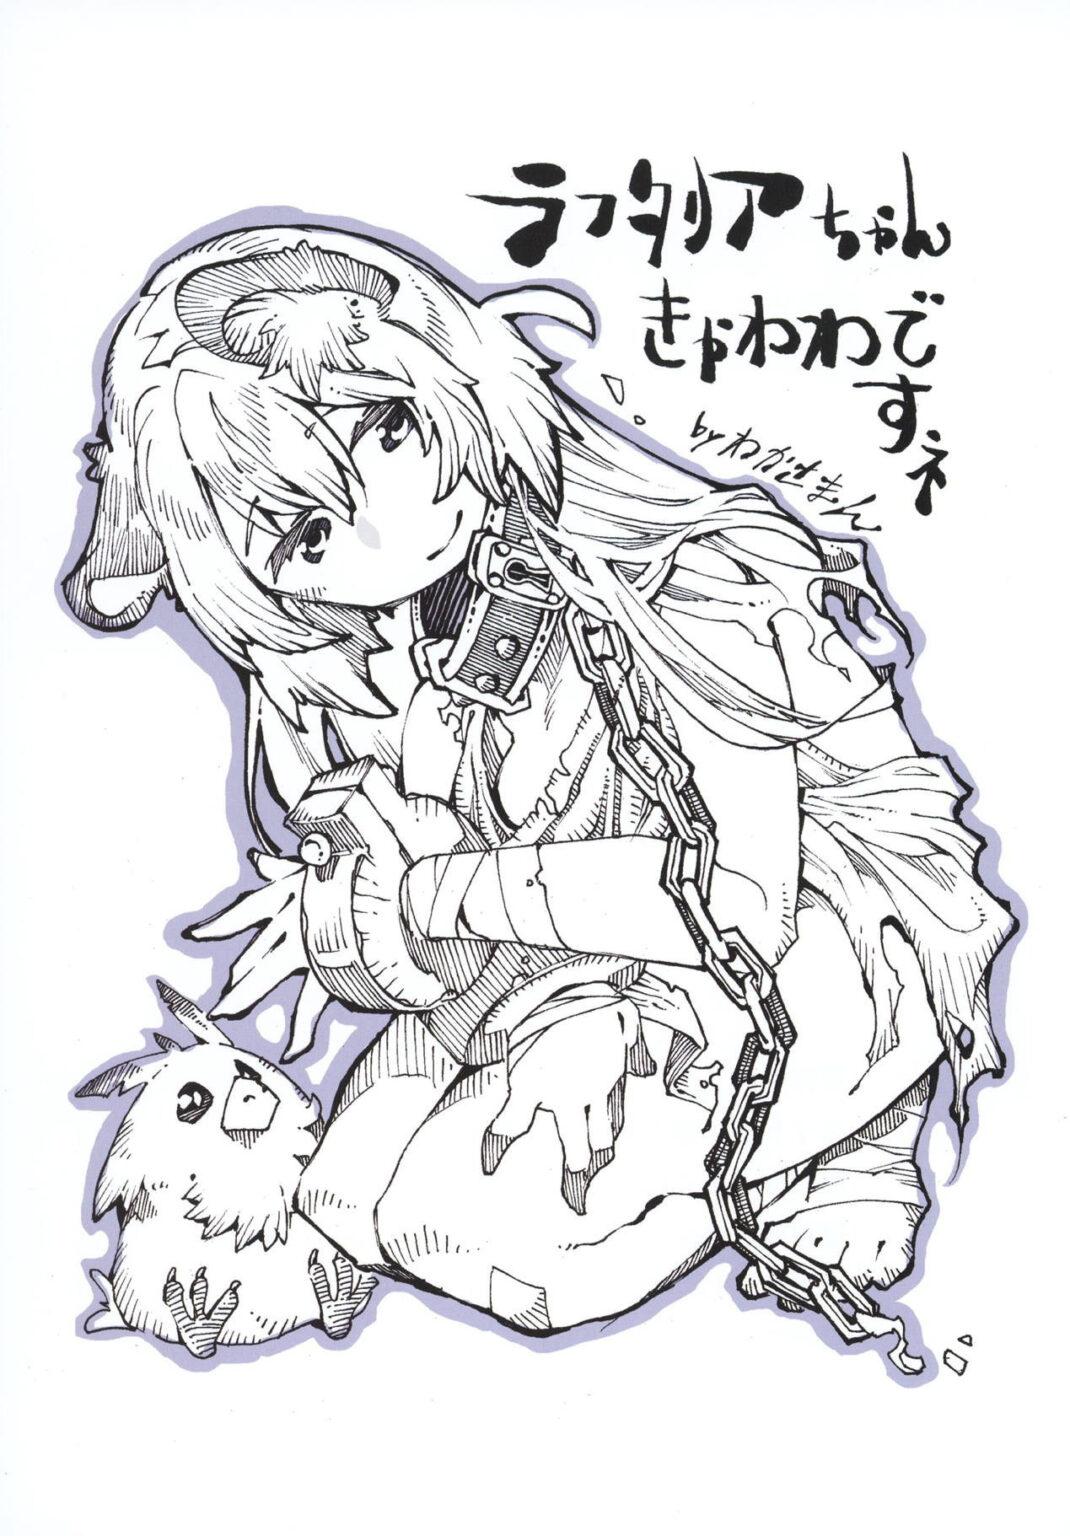 TATE no Yuusha no Fukushuu